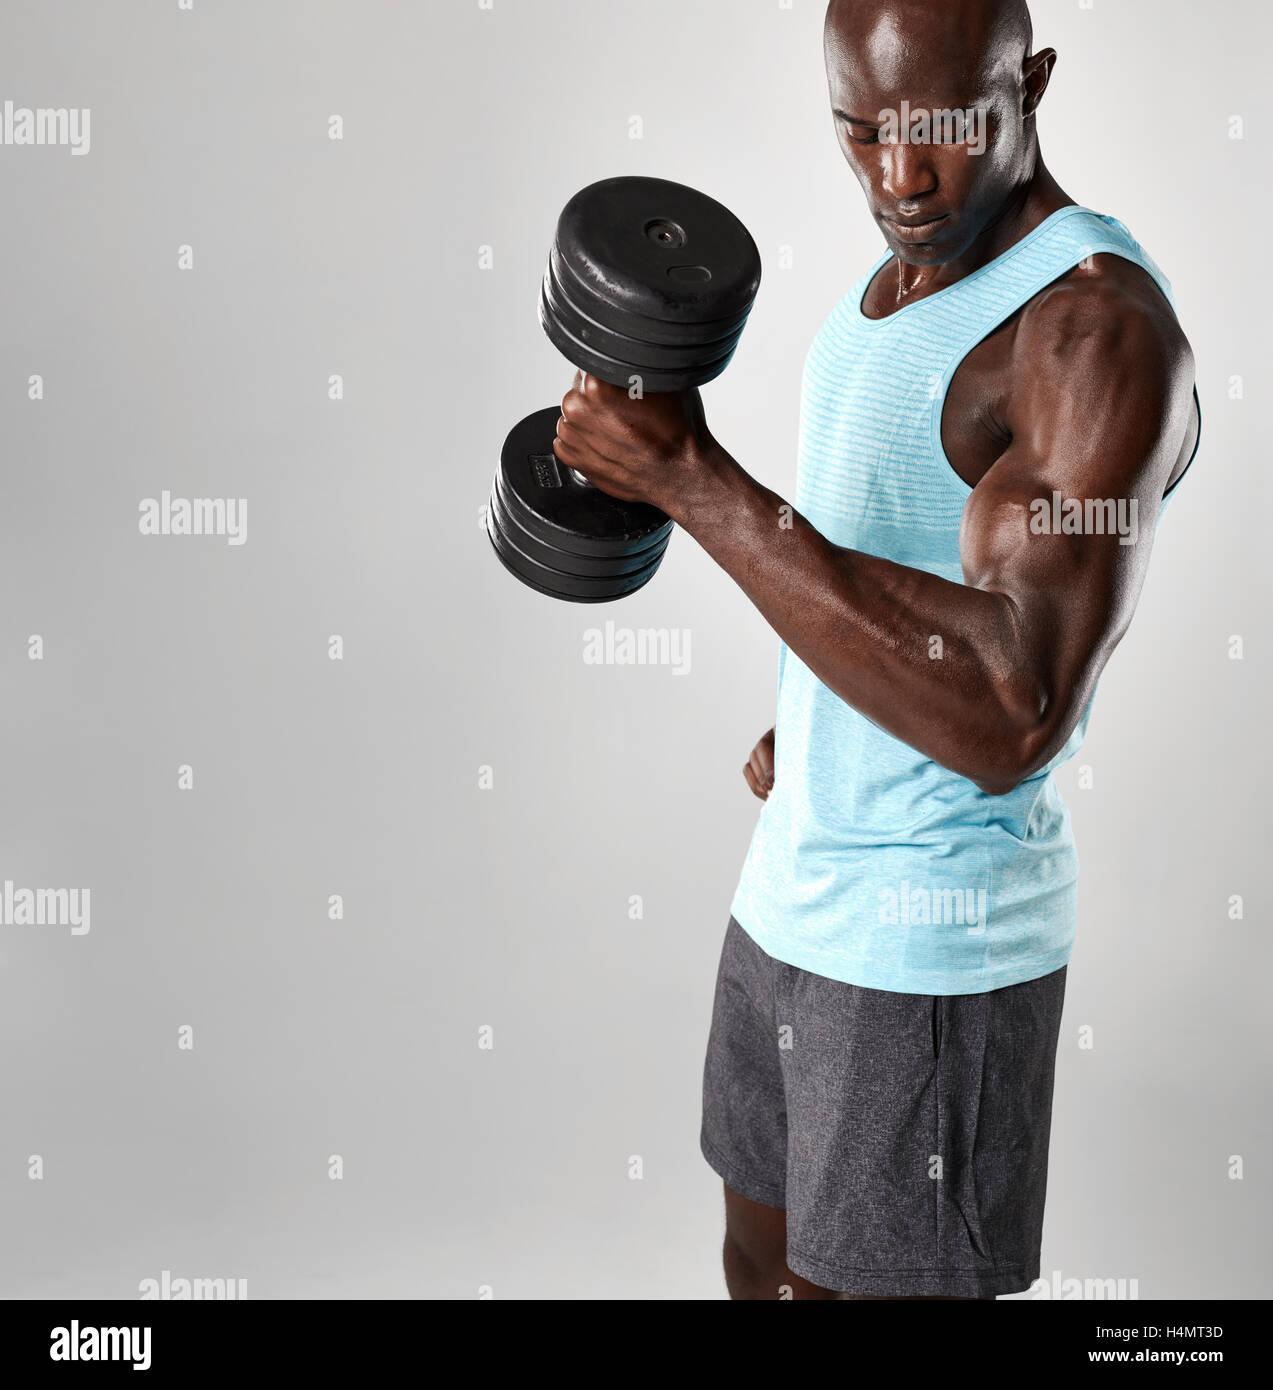 Montare il giovane africano esercizio con manubri contro uno sfondo grigio. Muscoloso maschio nero modello pesante Immagini Stock